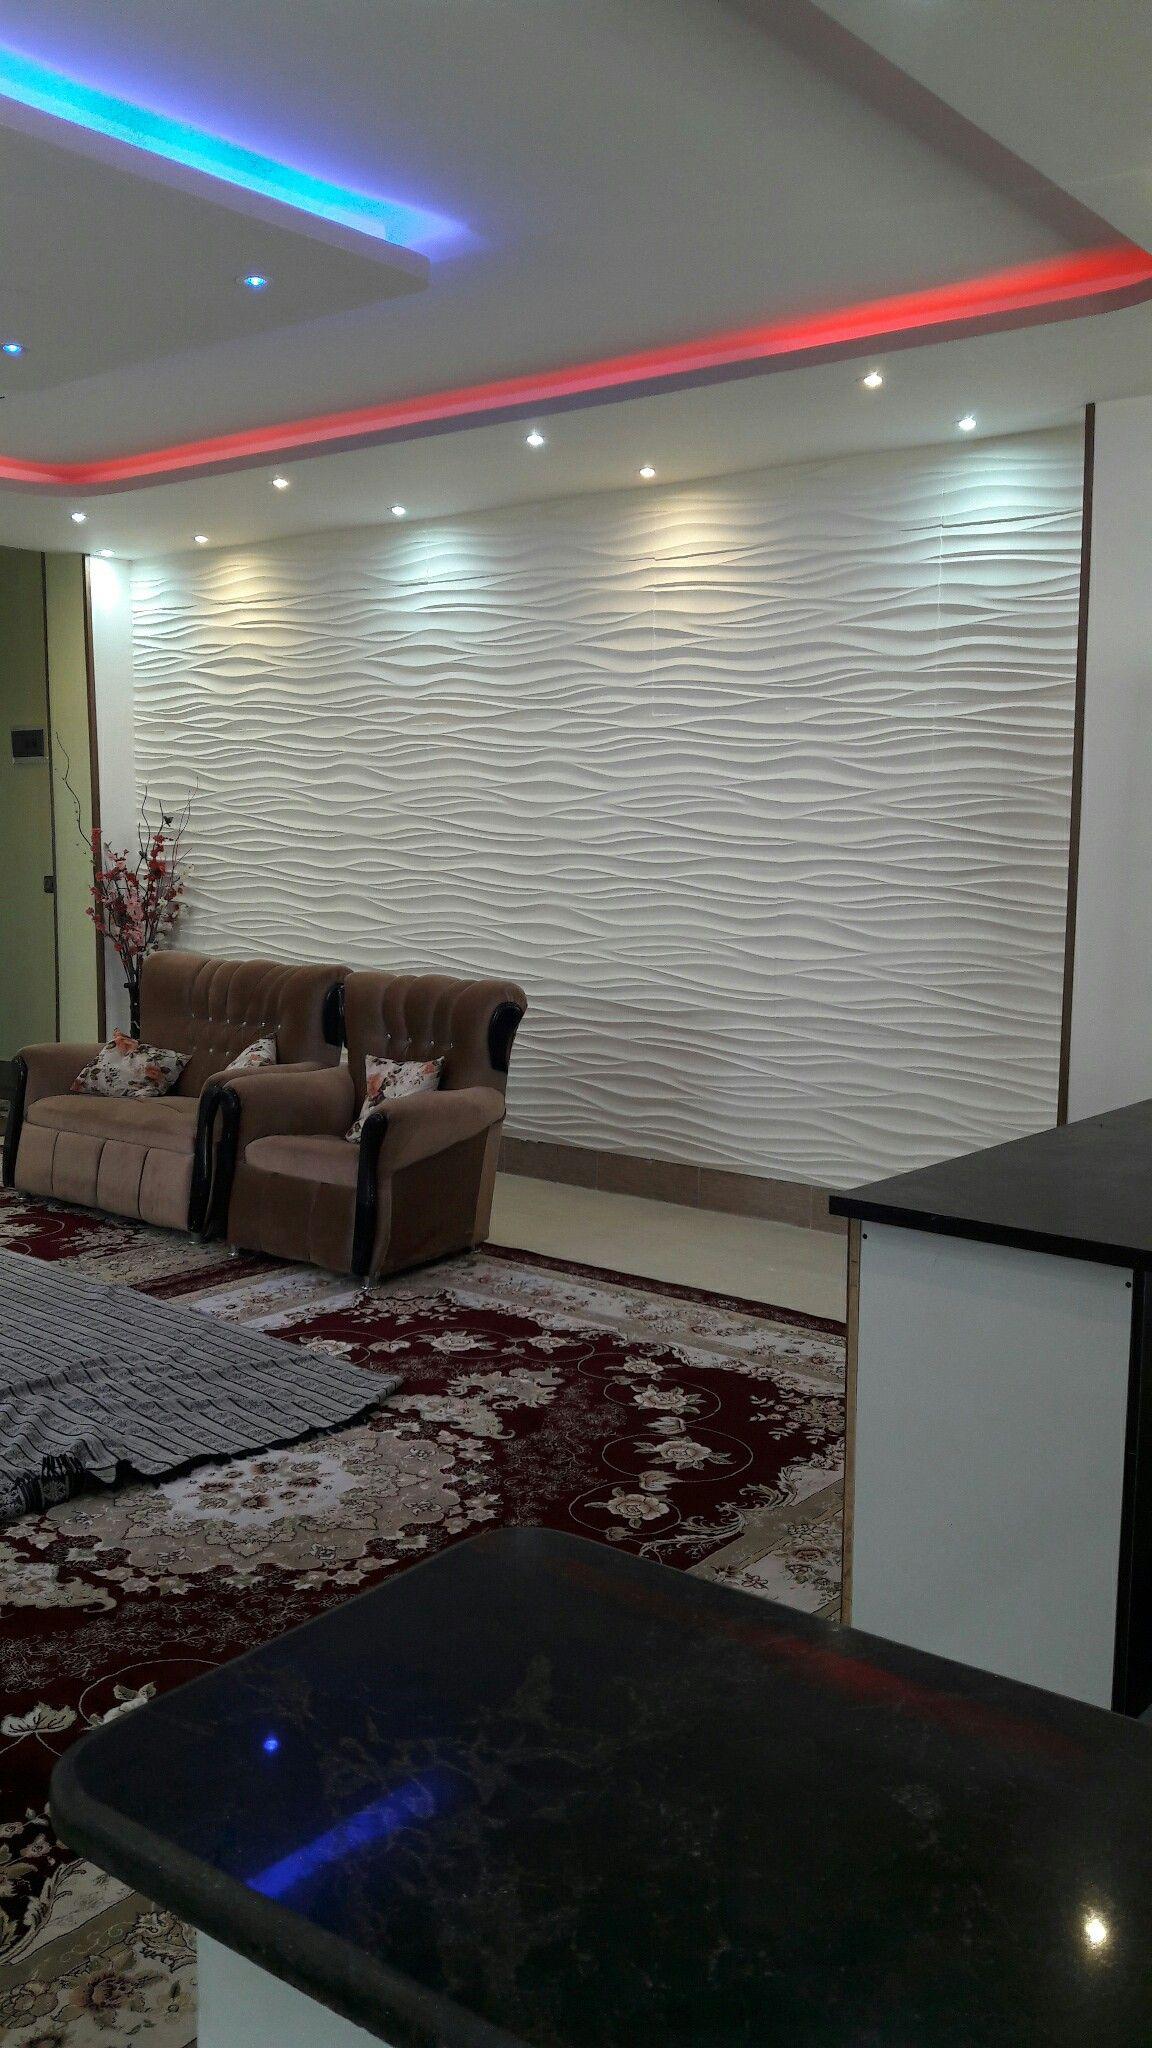 منزل قرنجیک طراحی و اجرای کناف و دیوارپوش سه بعدی طرح ابریشم کاغذ